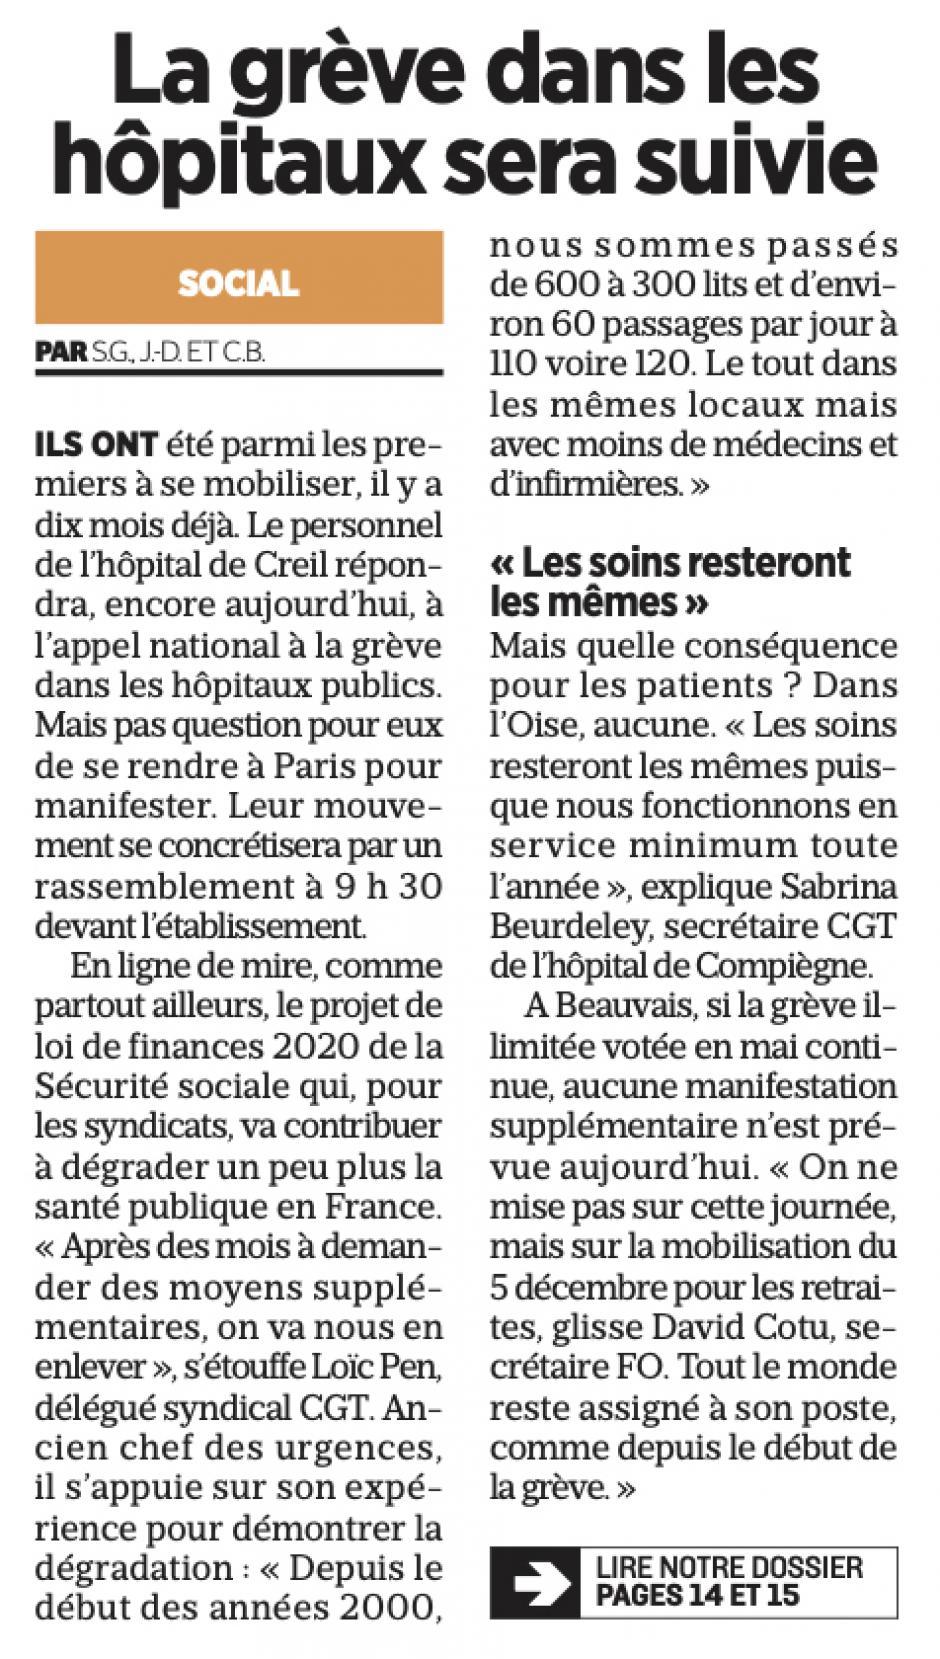 20191114-LeP-Oise-La grève dans les hôpitaux sera suivie